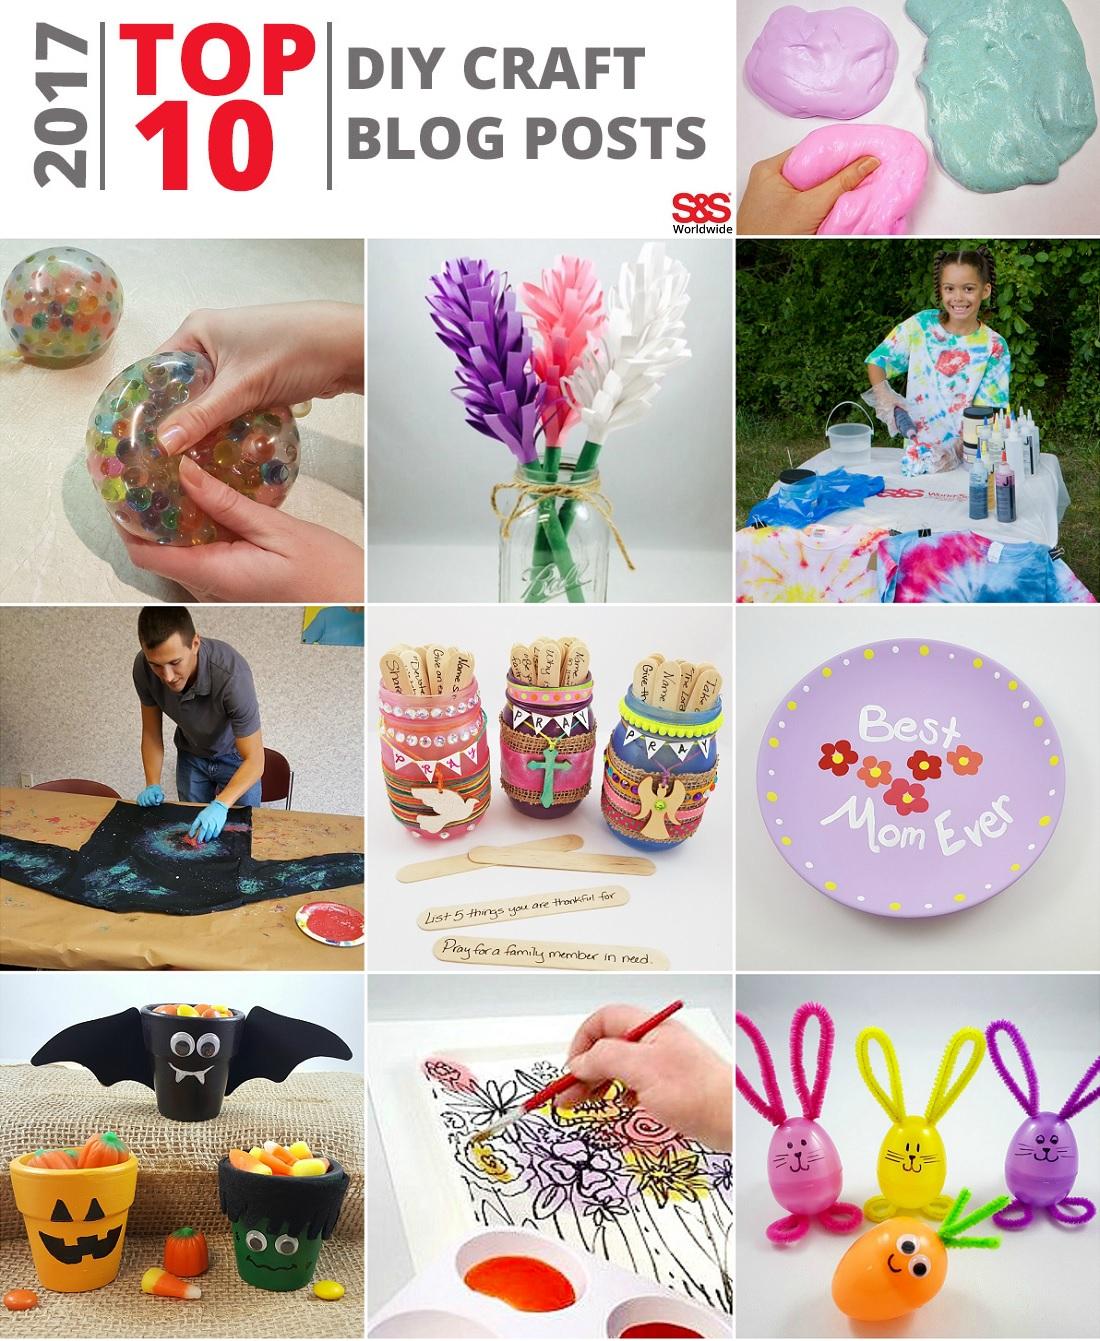 top 10 diy craft blogs